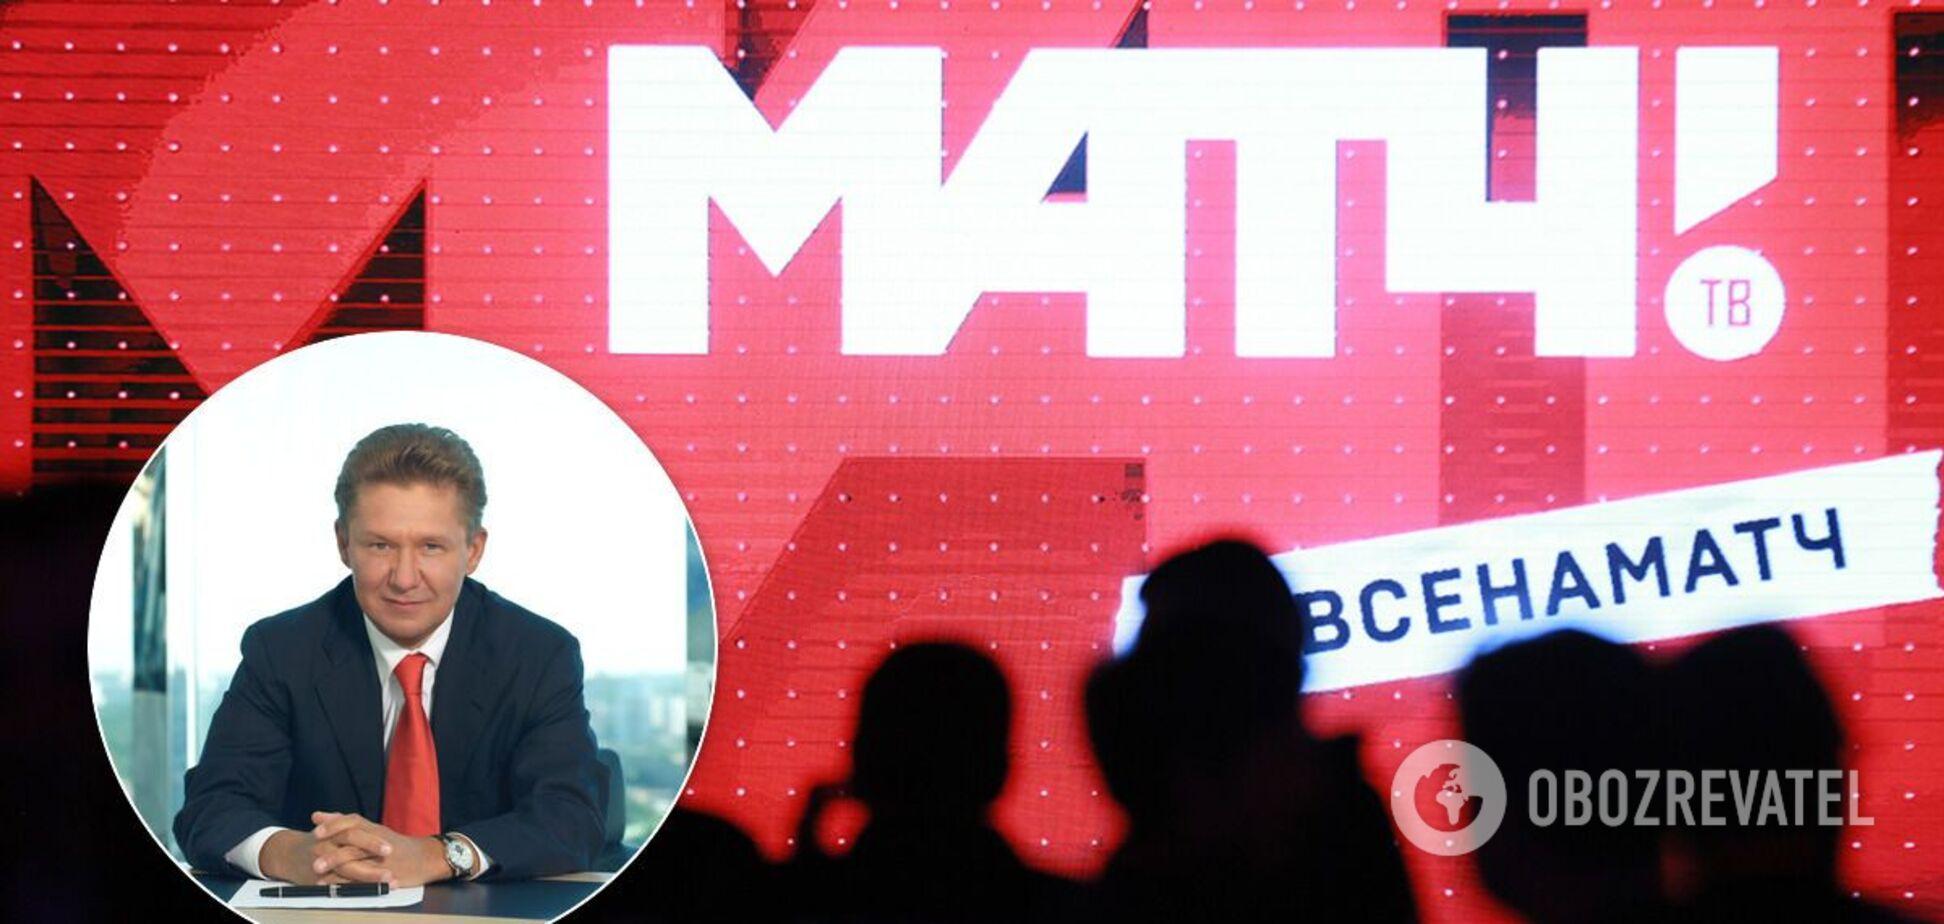 Алексей Миллер запретил англицизмы на Матч ТВ